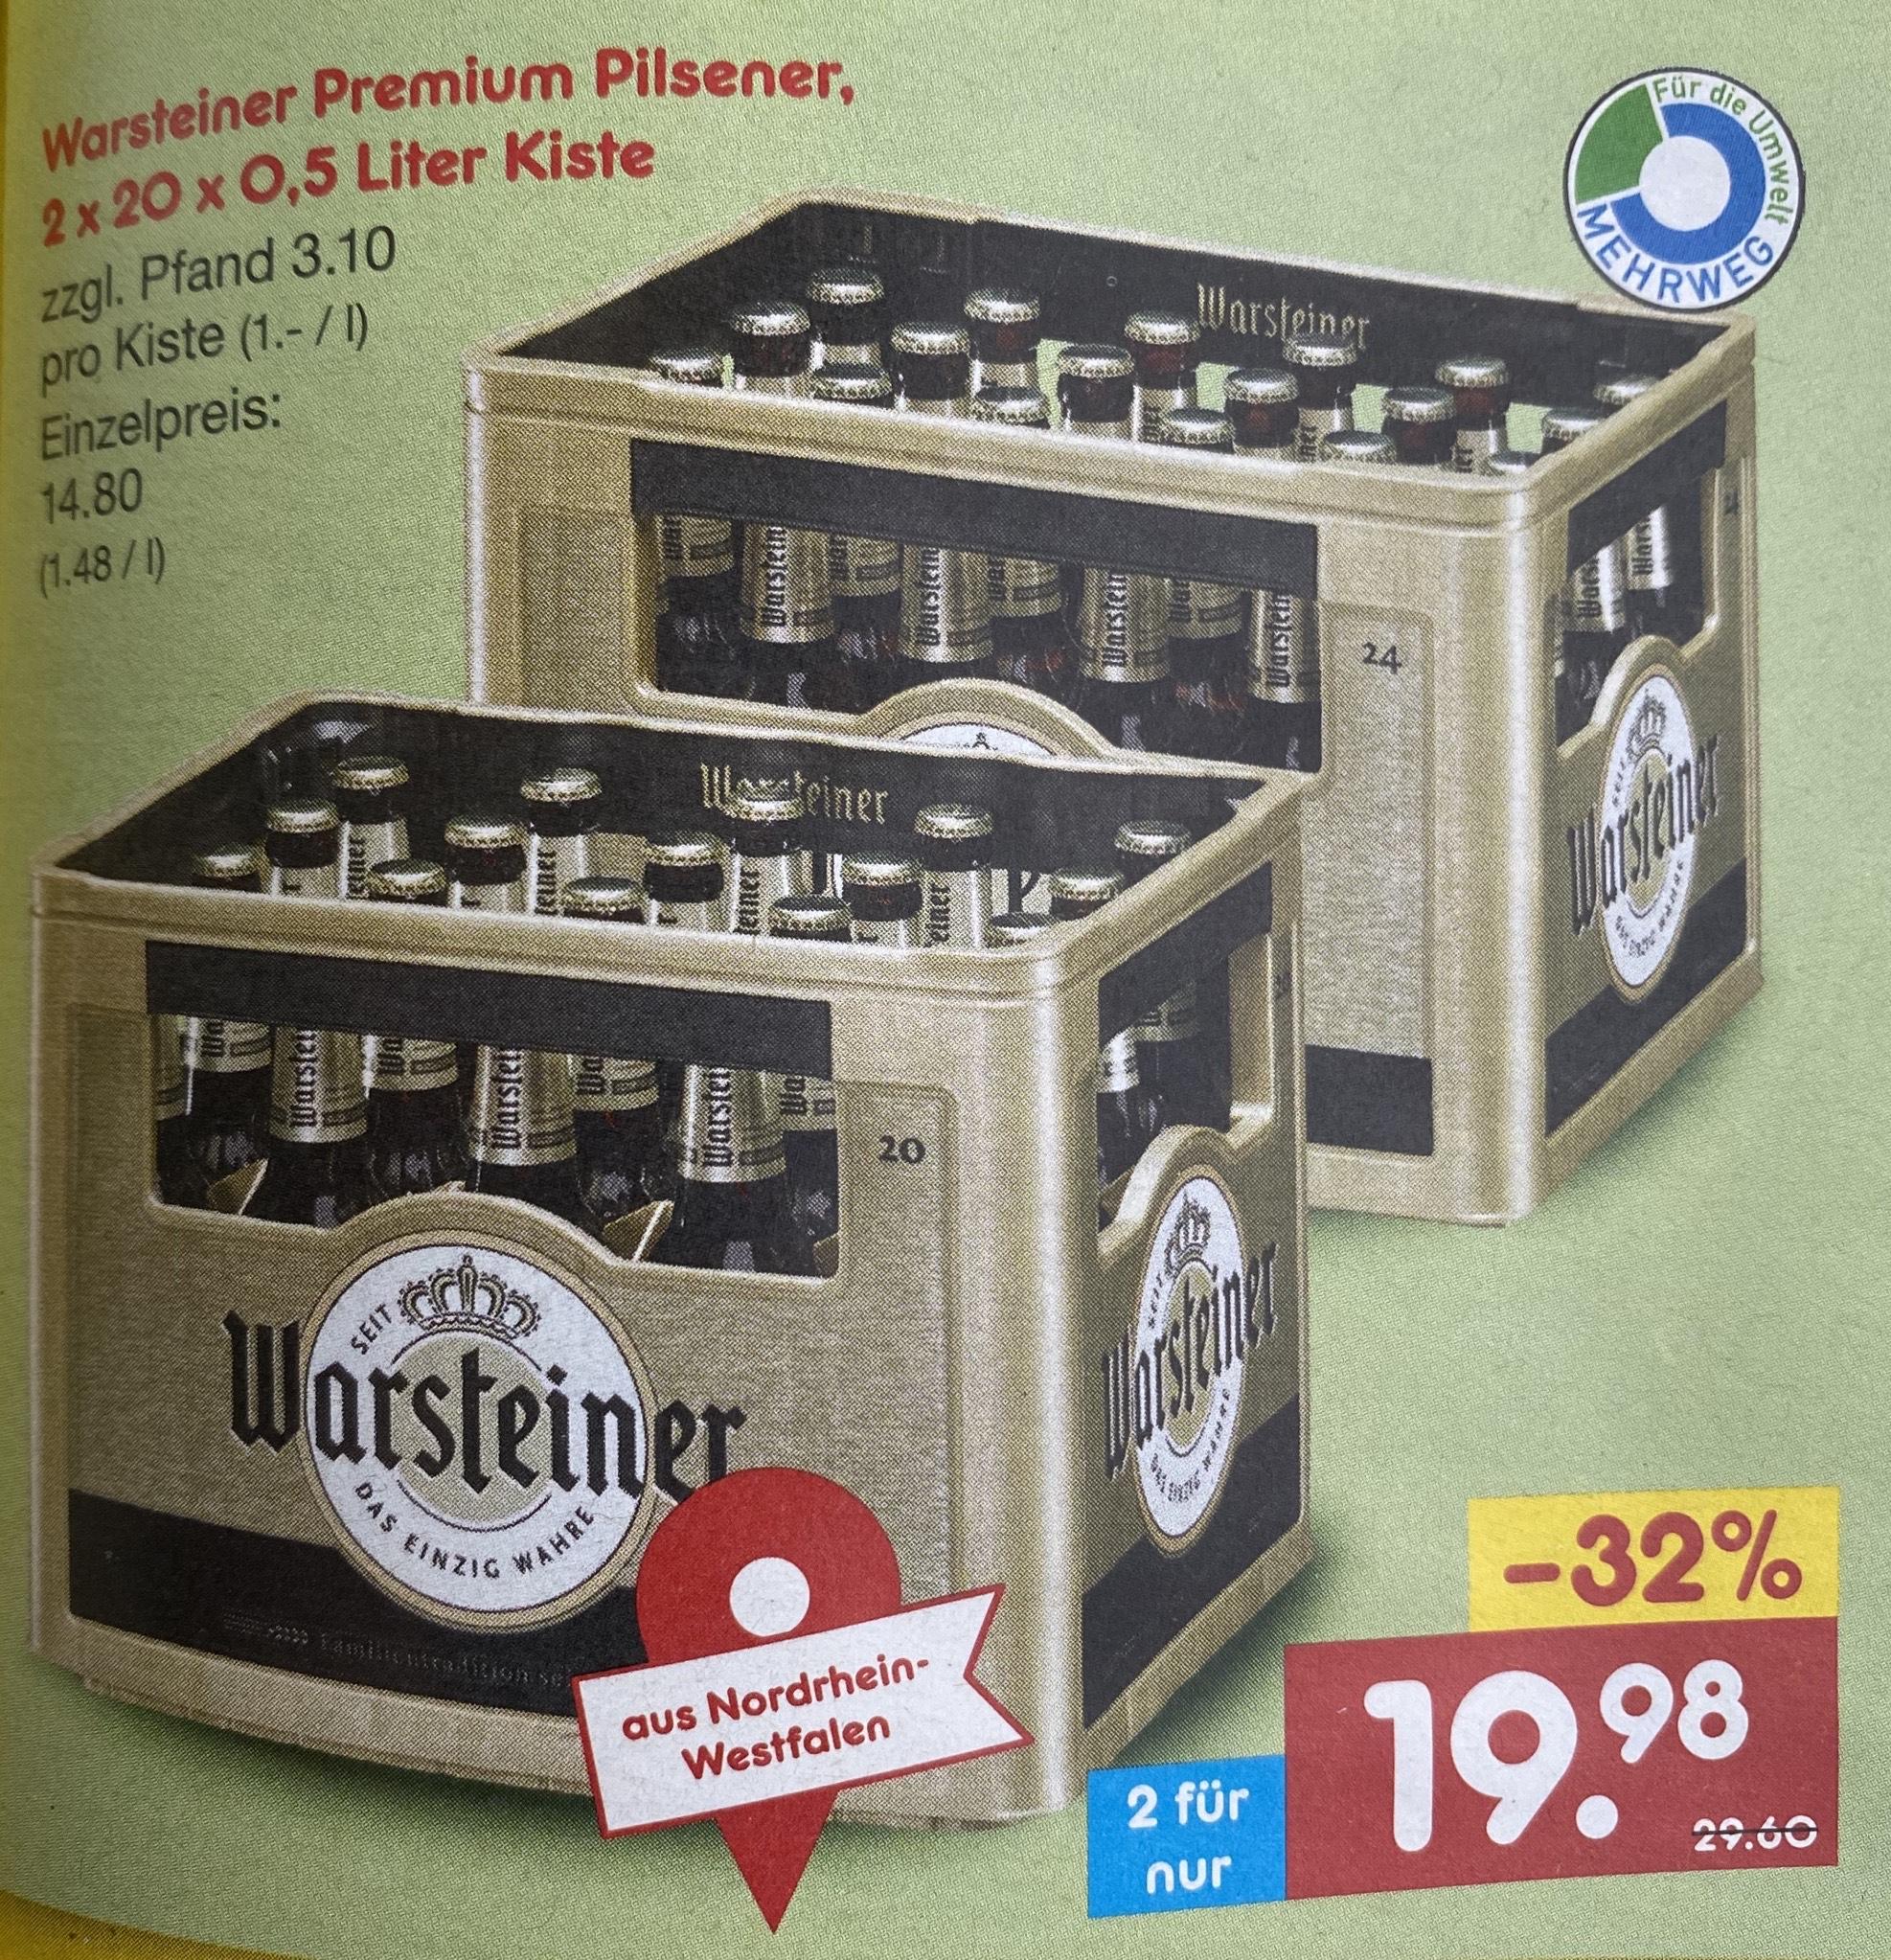 [Lokal Düsseldorf] 2x Warsteiner Premium Pilsener Kiste